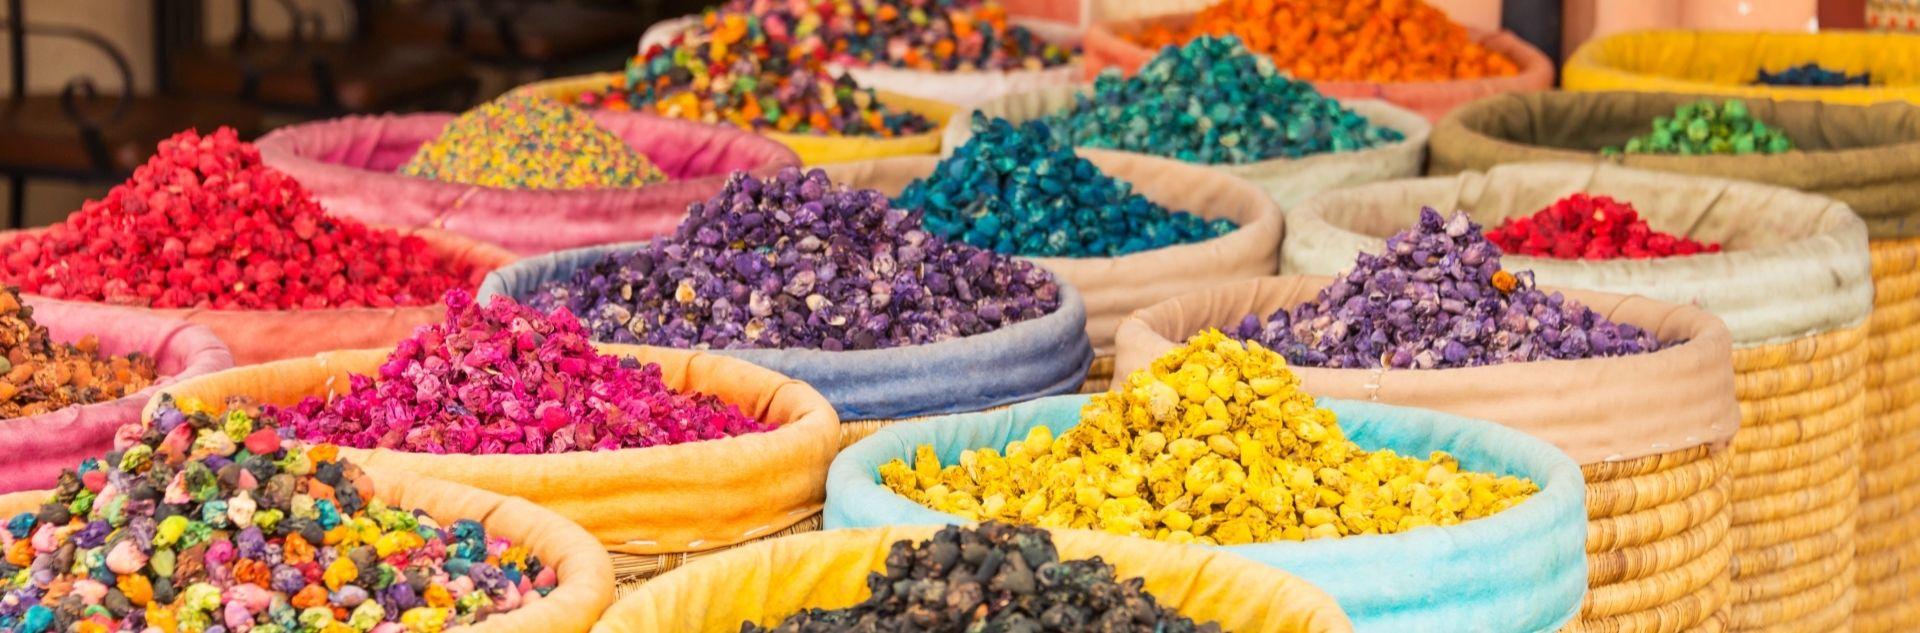 Souk Marrakesch mit bunten Gewürzen